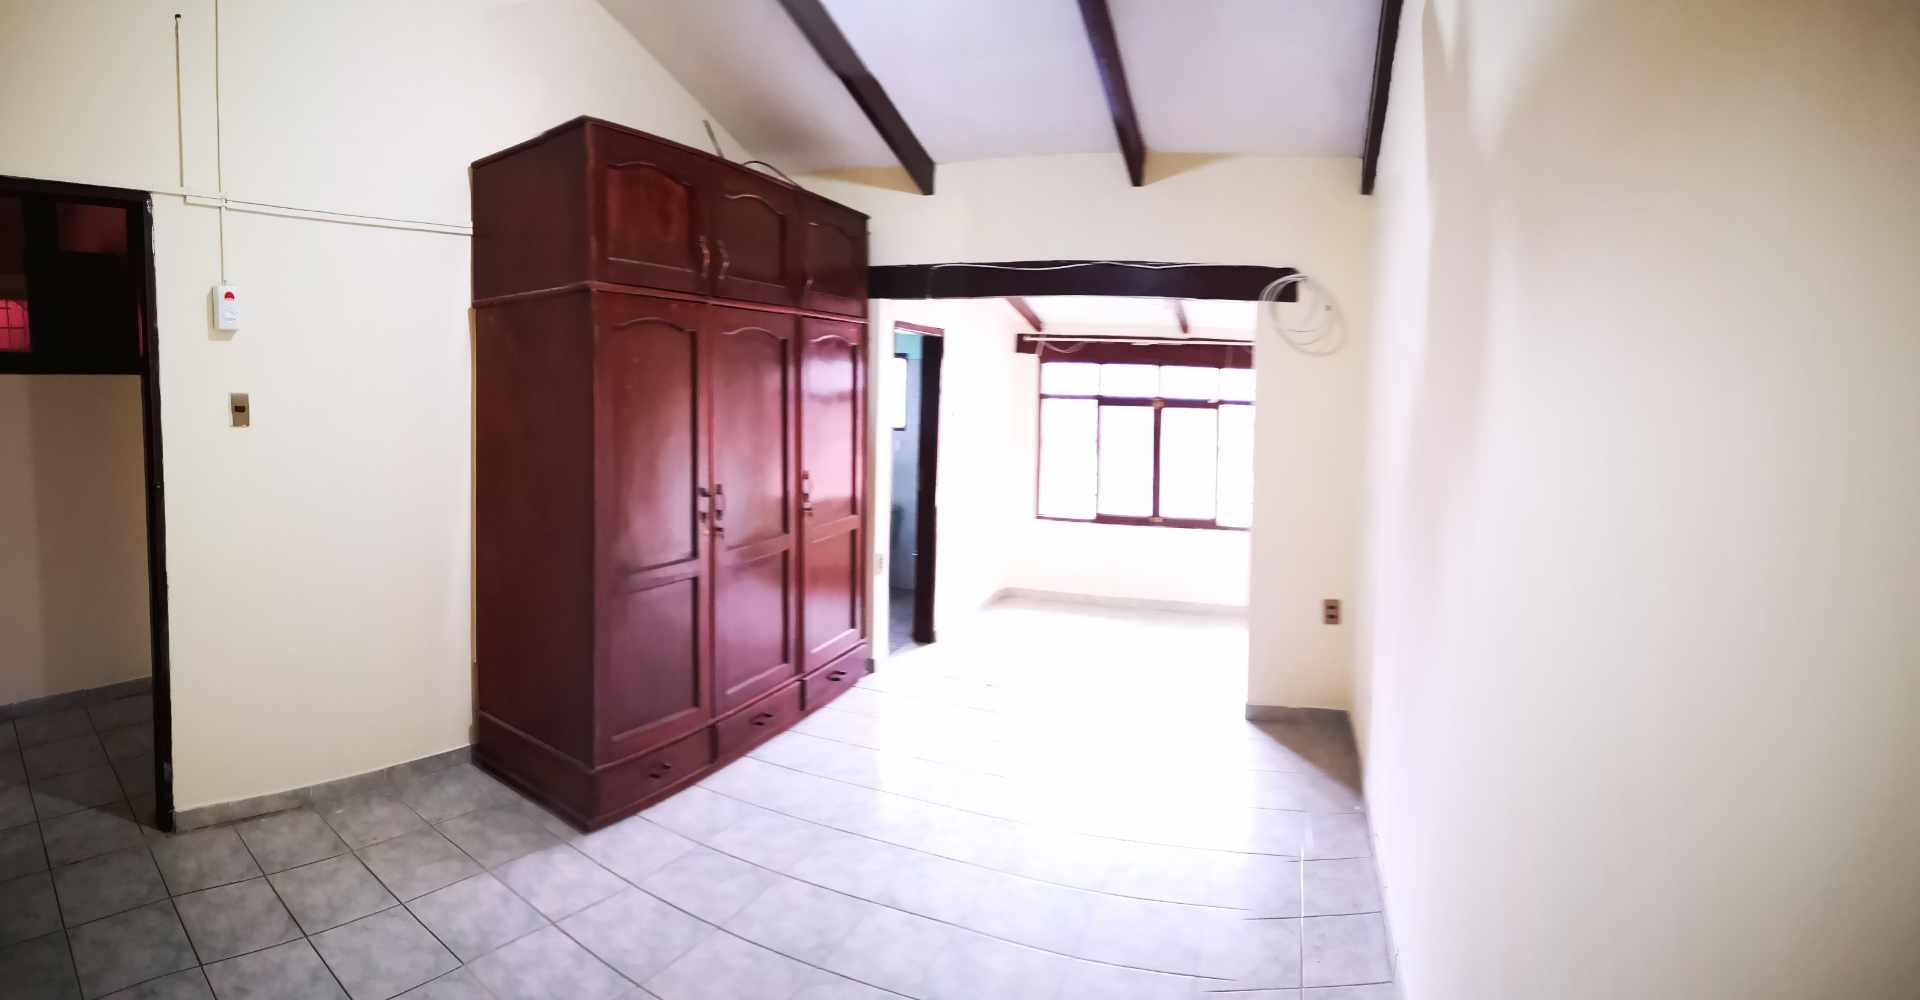 Casa en Alquiler Entre 4to y 5to anilo, entre Radial 10 y Av Sudamericana Calle Asoka Foto 13